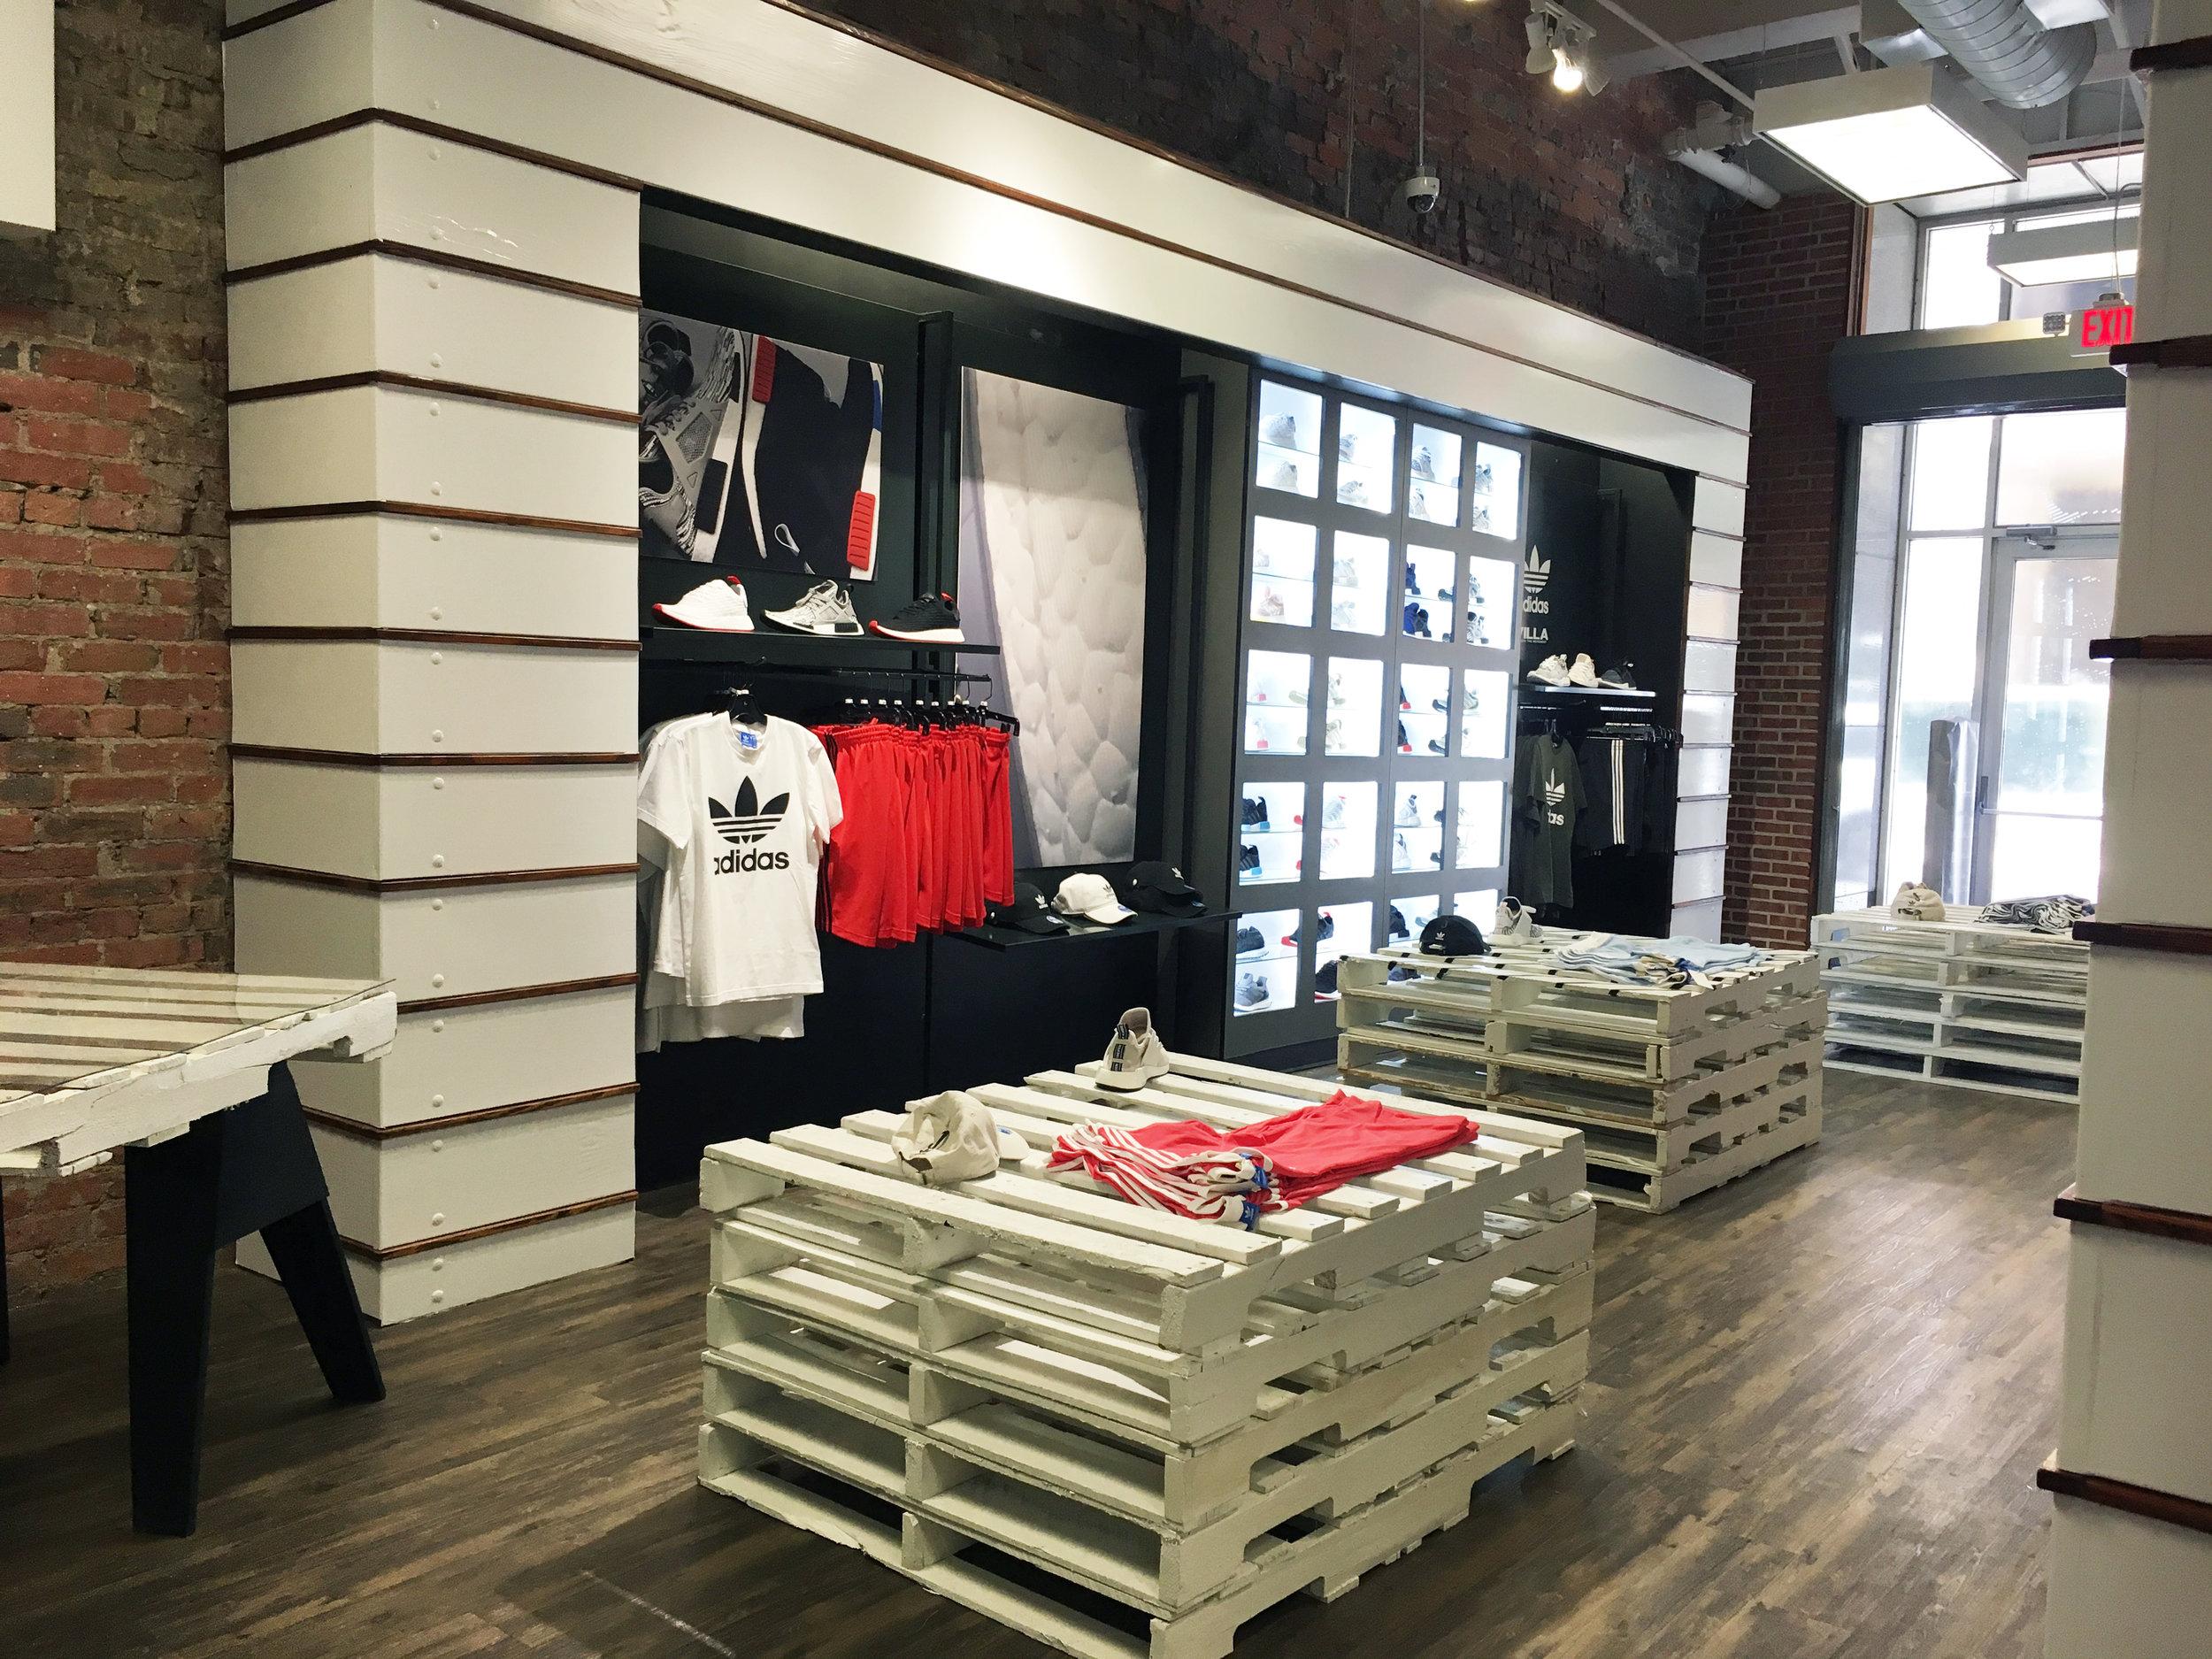 adidas x VILLA Pop-Up Shop